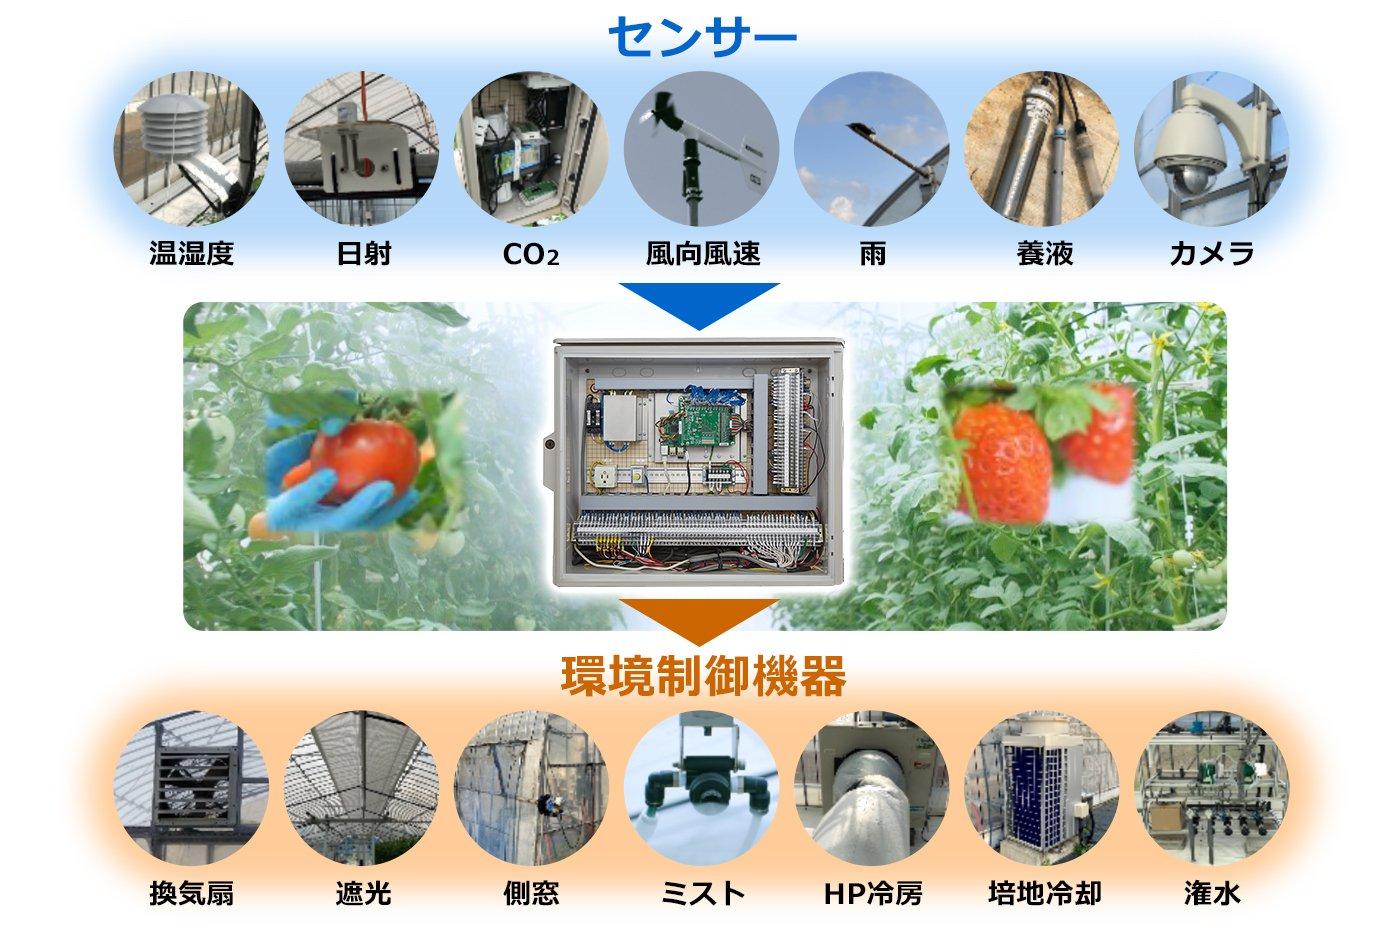 クラウド型統合環境制御システム「Smart菜園'sクラウド」